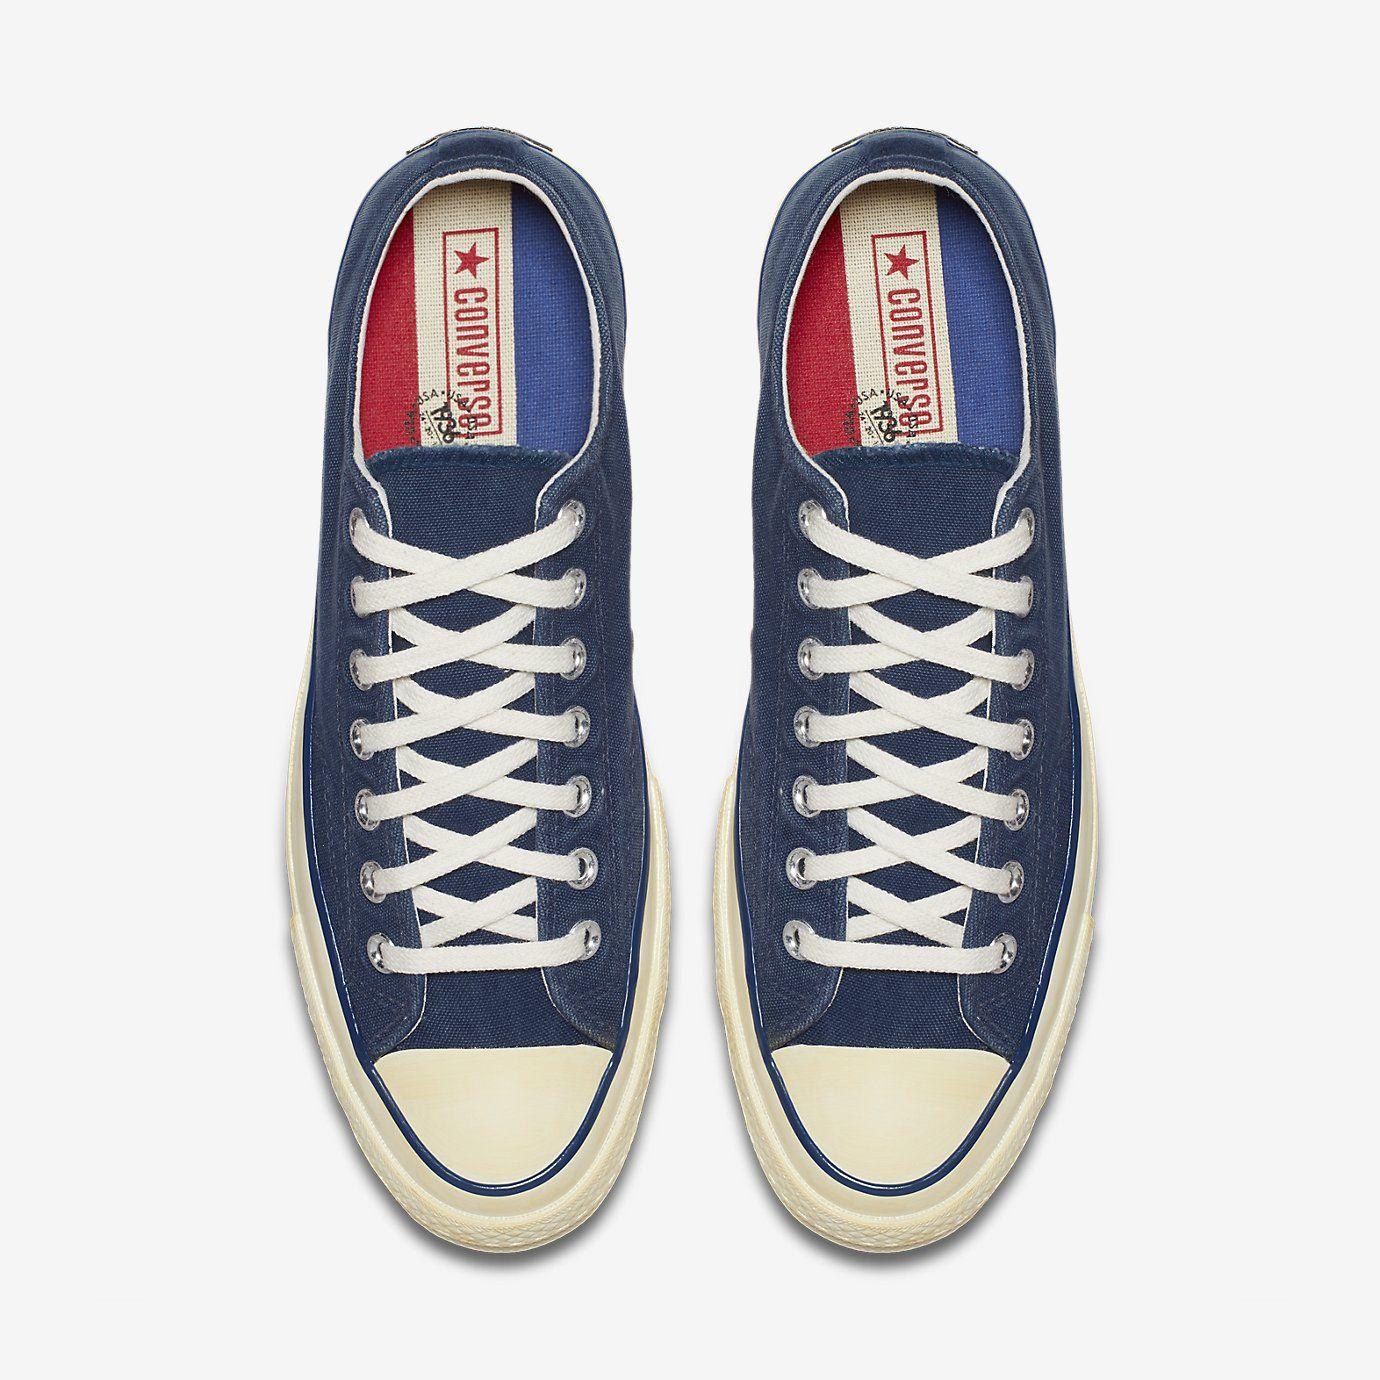 e8635cfa4384 Converse Chuck 70 Vintage Canvas Low Top Unisex Shoe. Nike.com ...